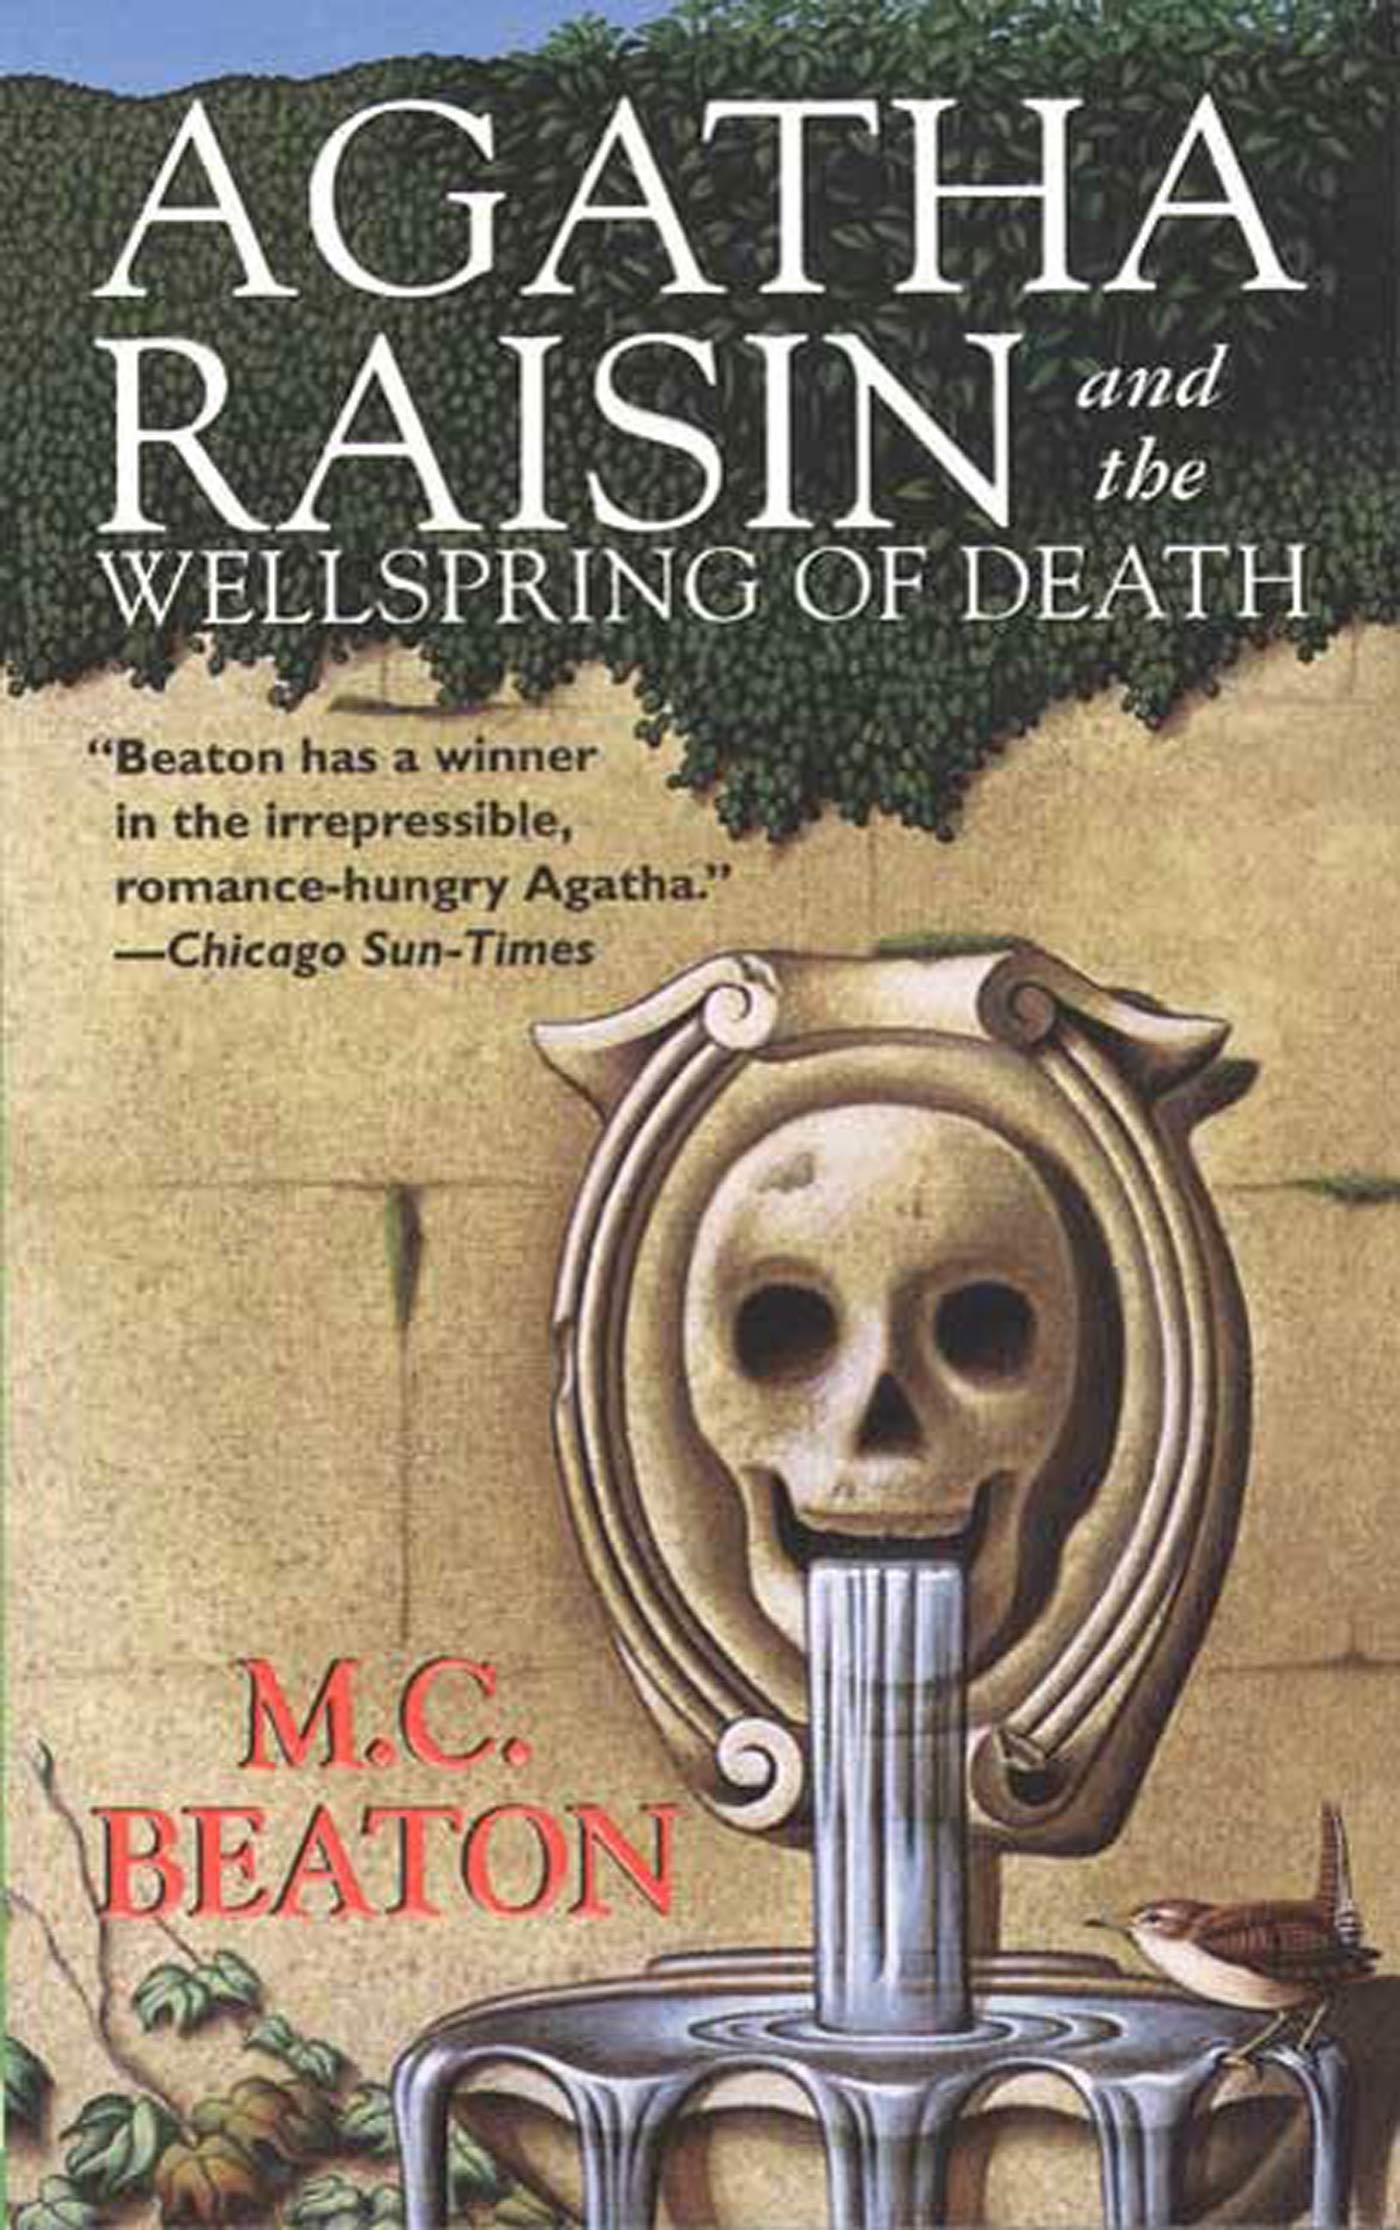 Agatha Raisin and the Wellspring of Death An Agatha Raisin Mystery